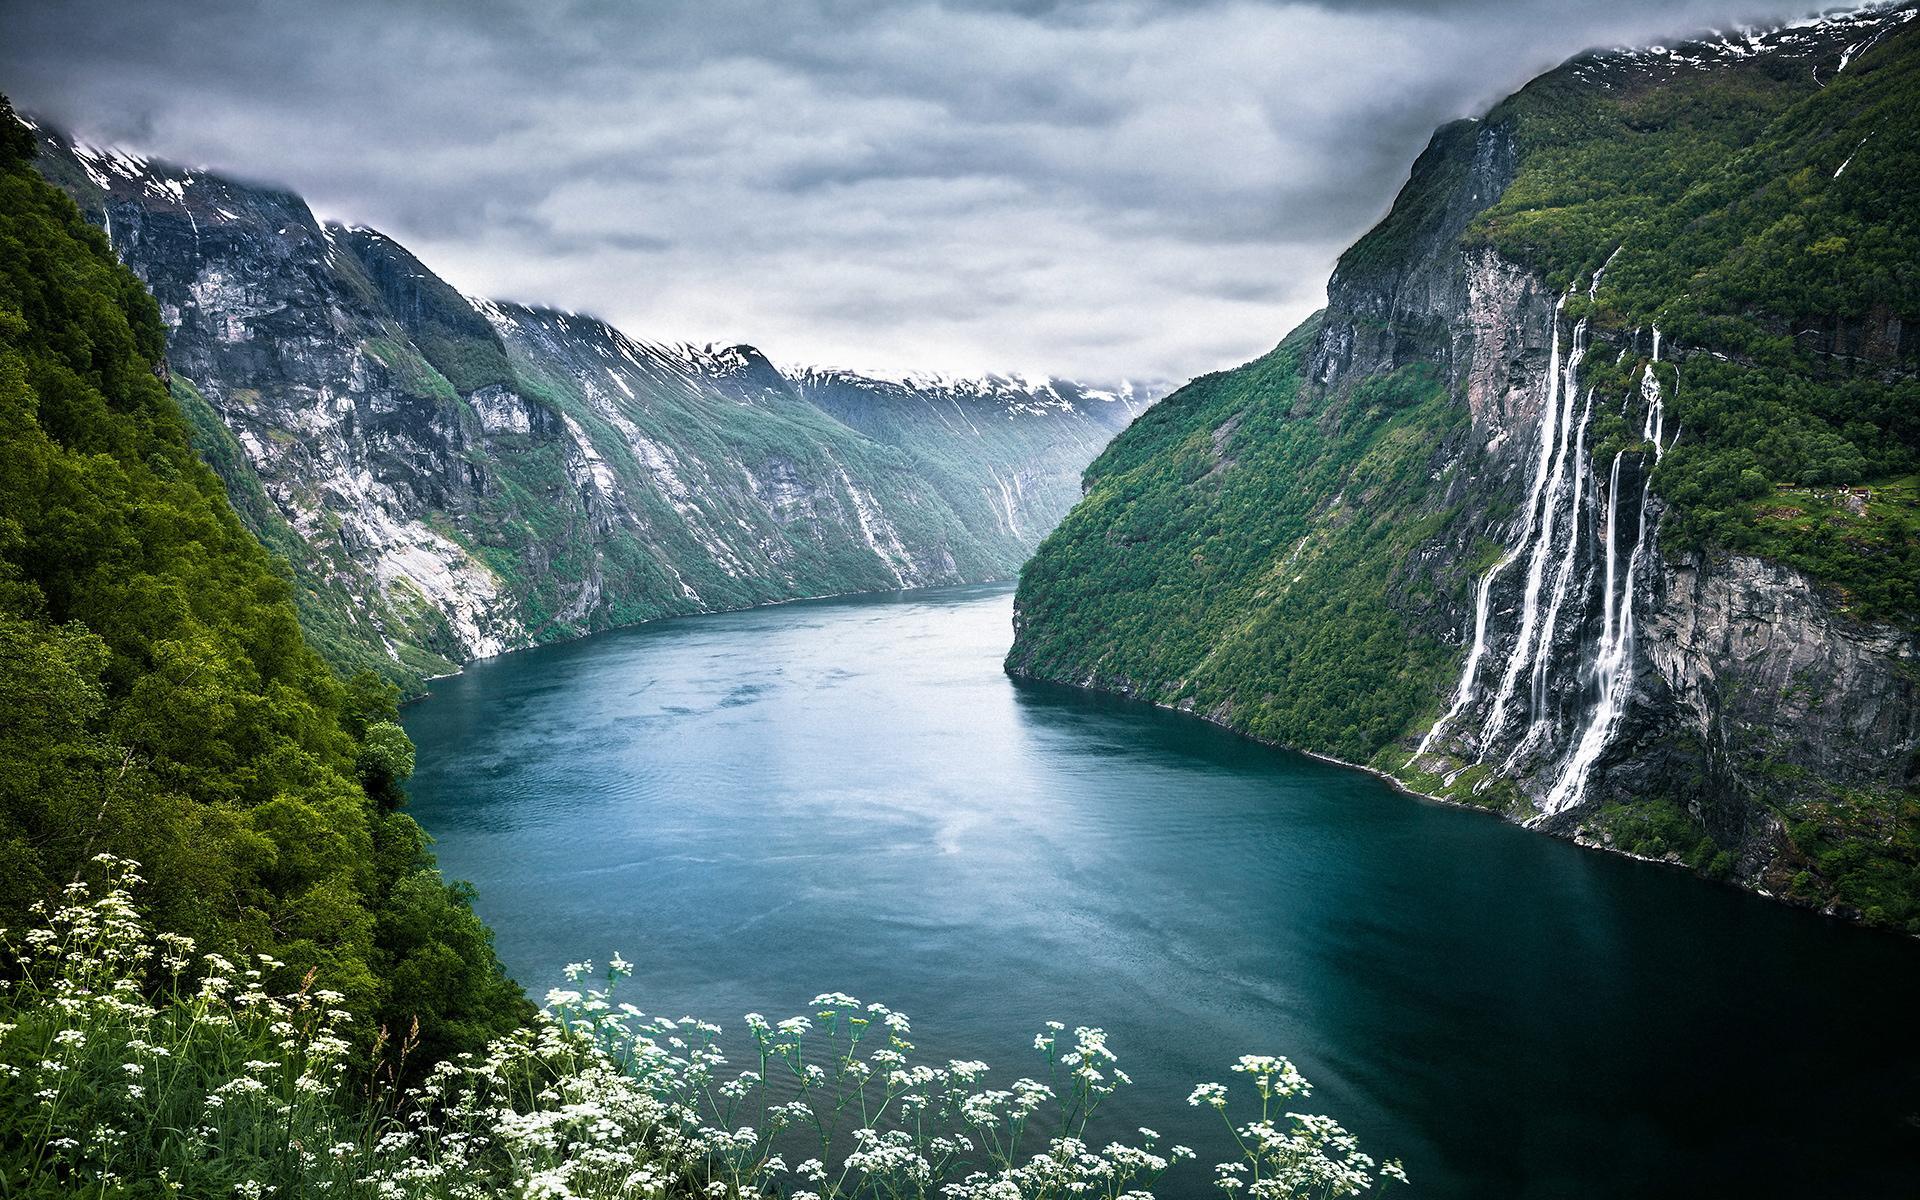 桌面壁纸高清山水风景 大自然山水相映唯美风景高清壁纸